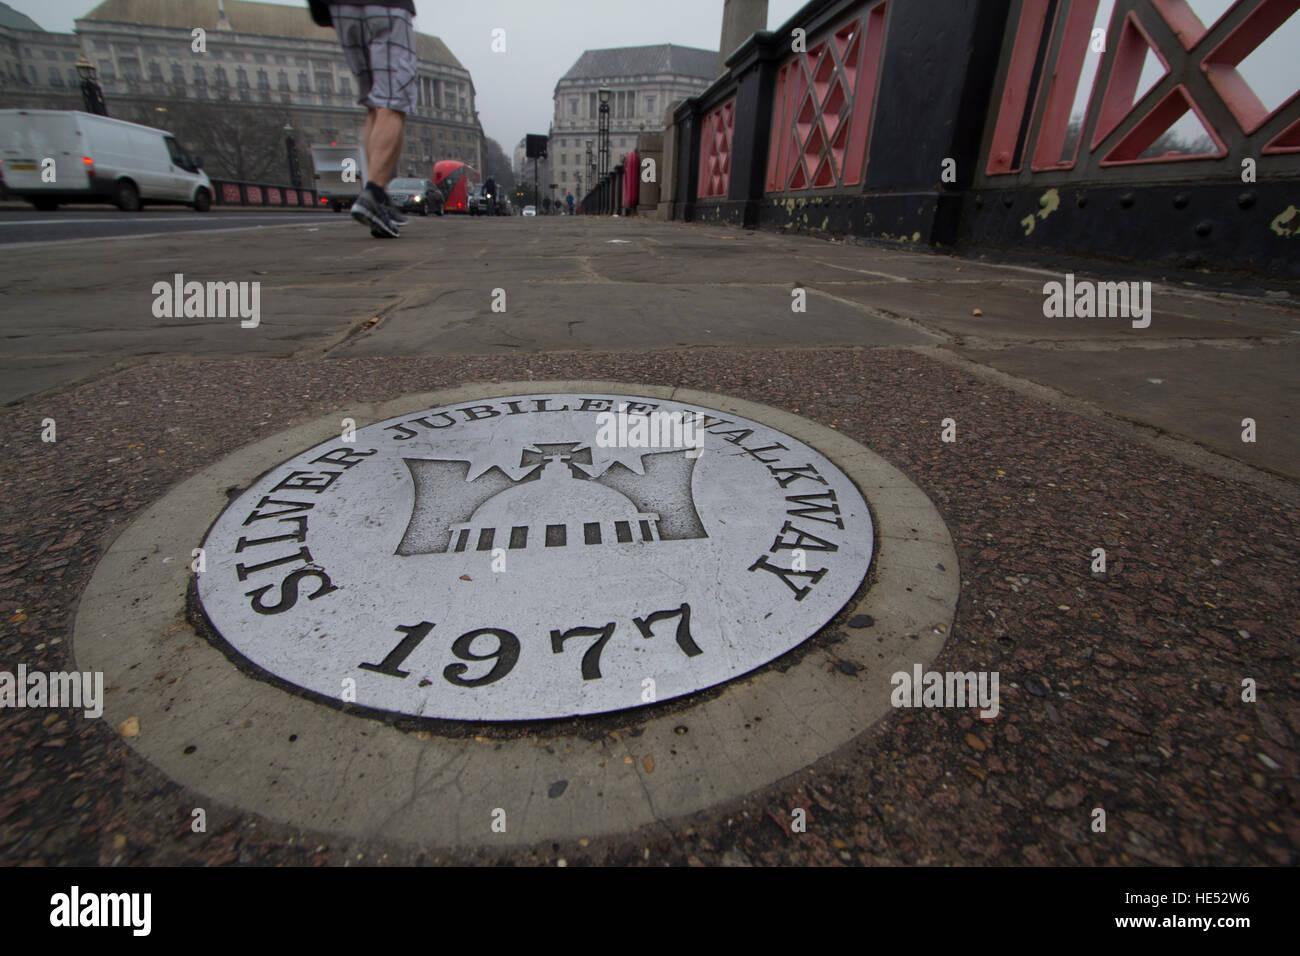 Silver Jubilee Walkway 1977 sign on Lambeth bridge, London, UK - Stock Image